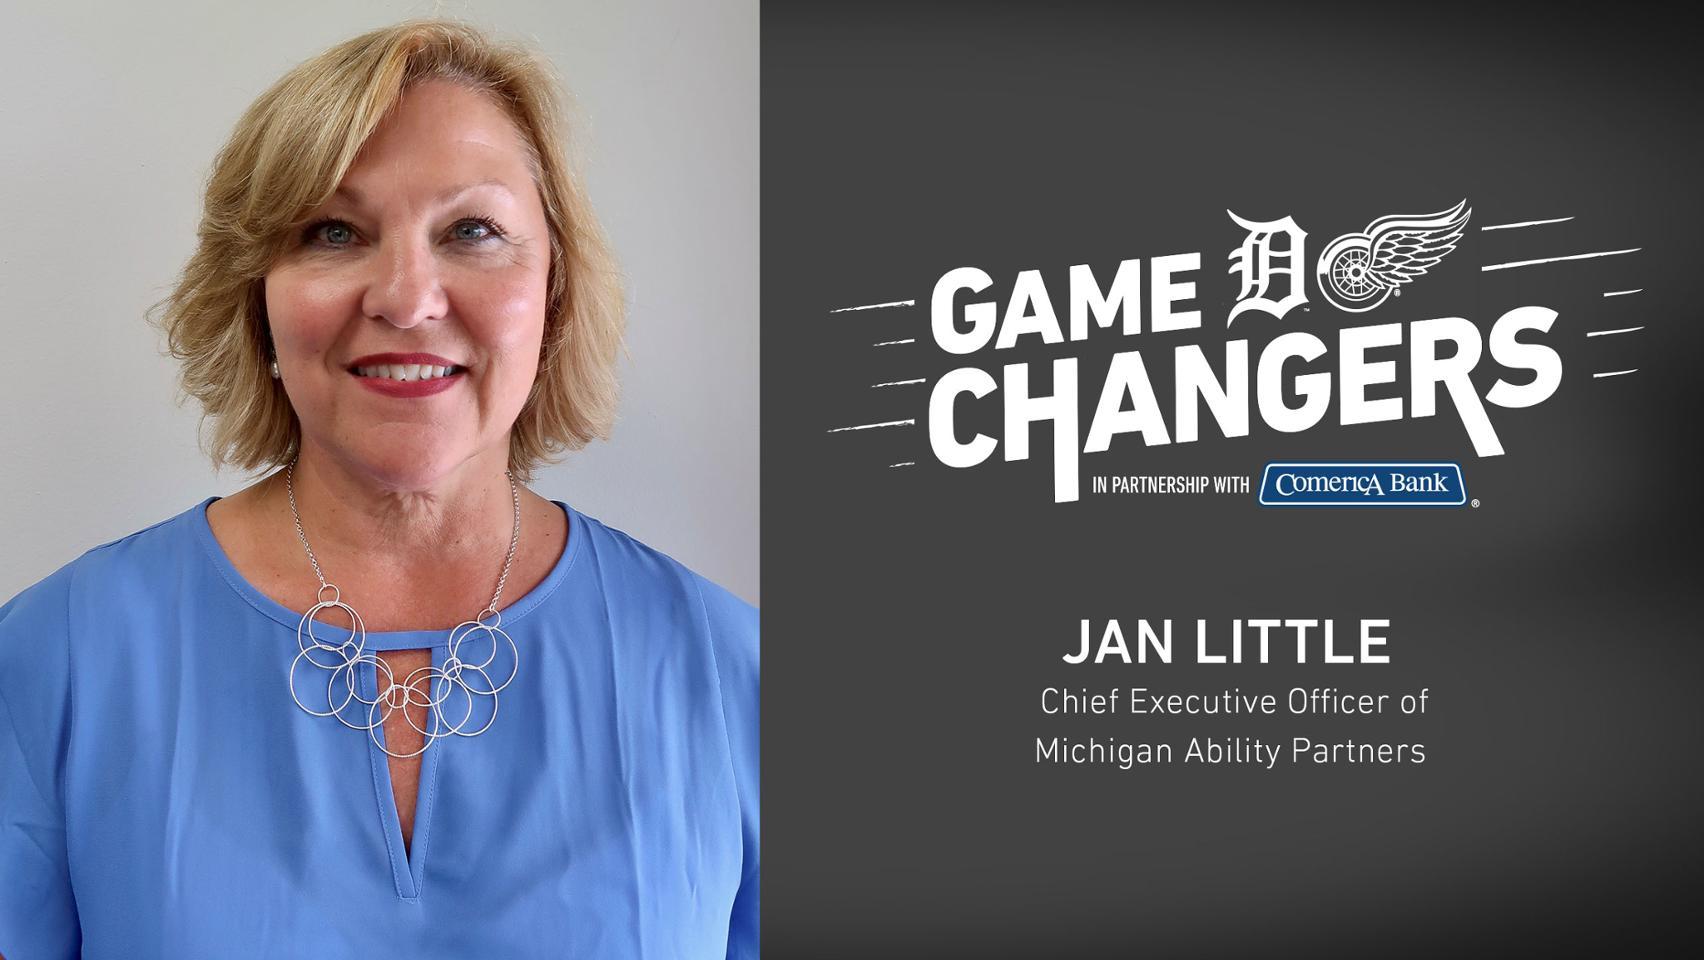 Jan Little